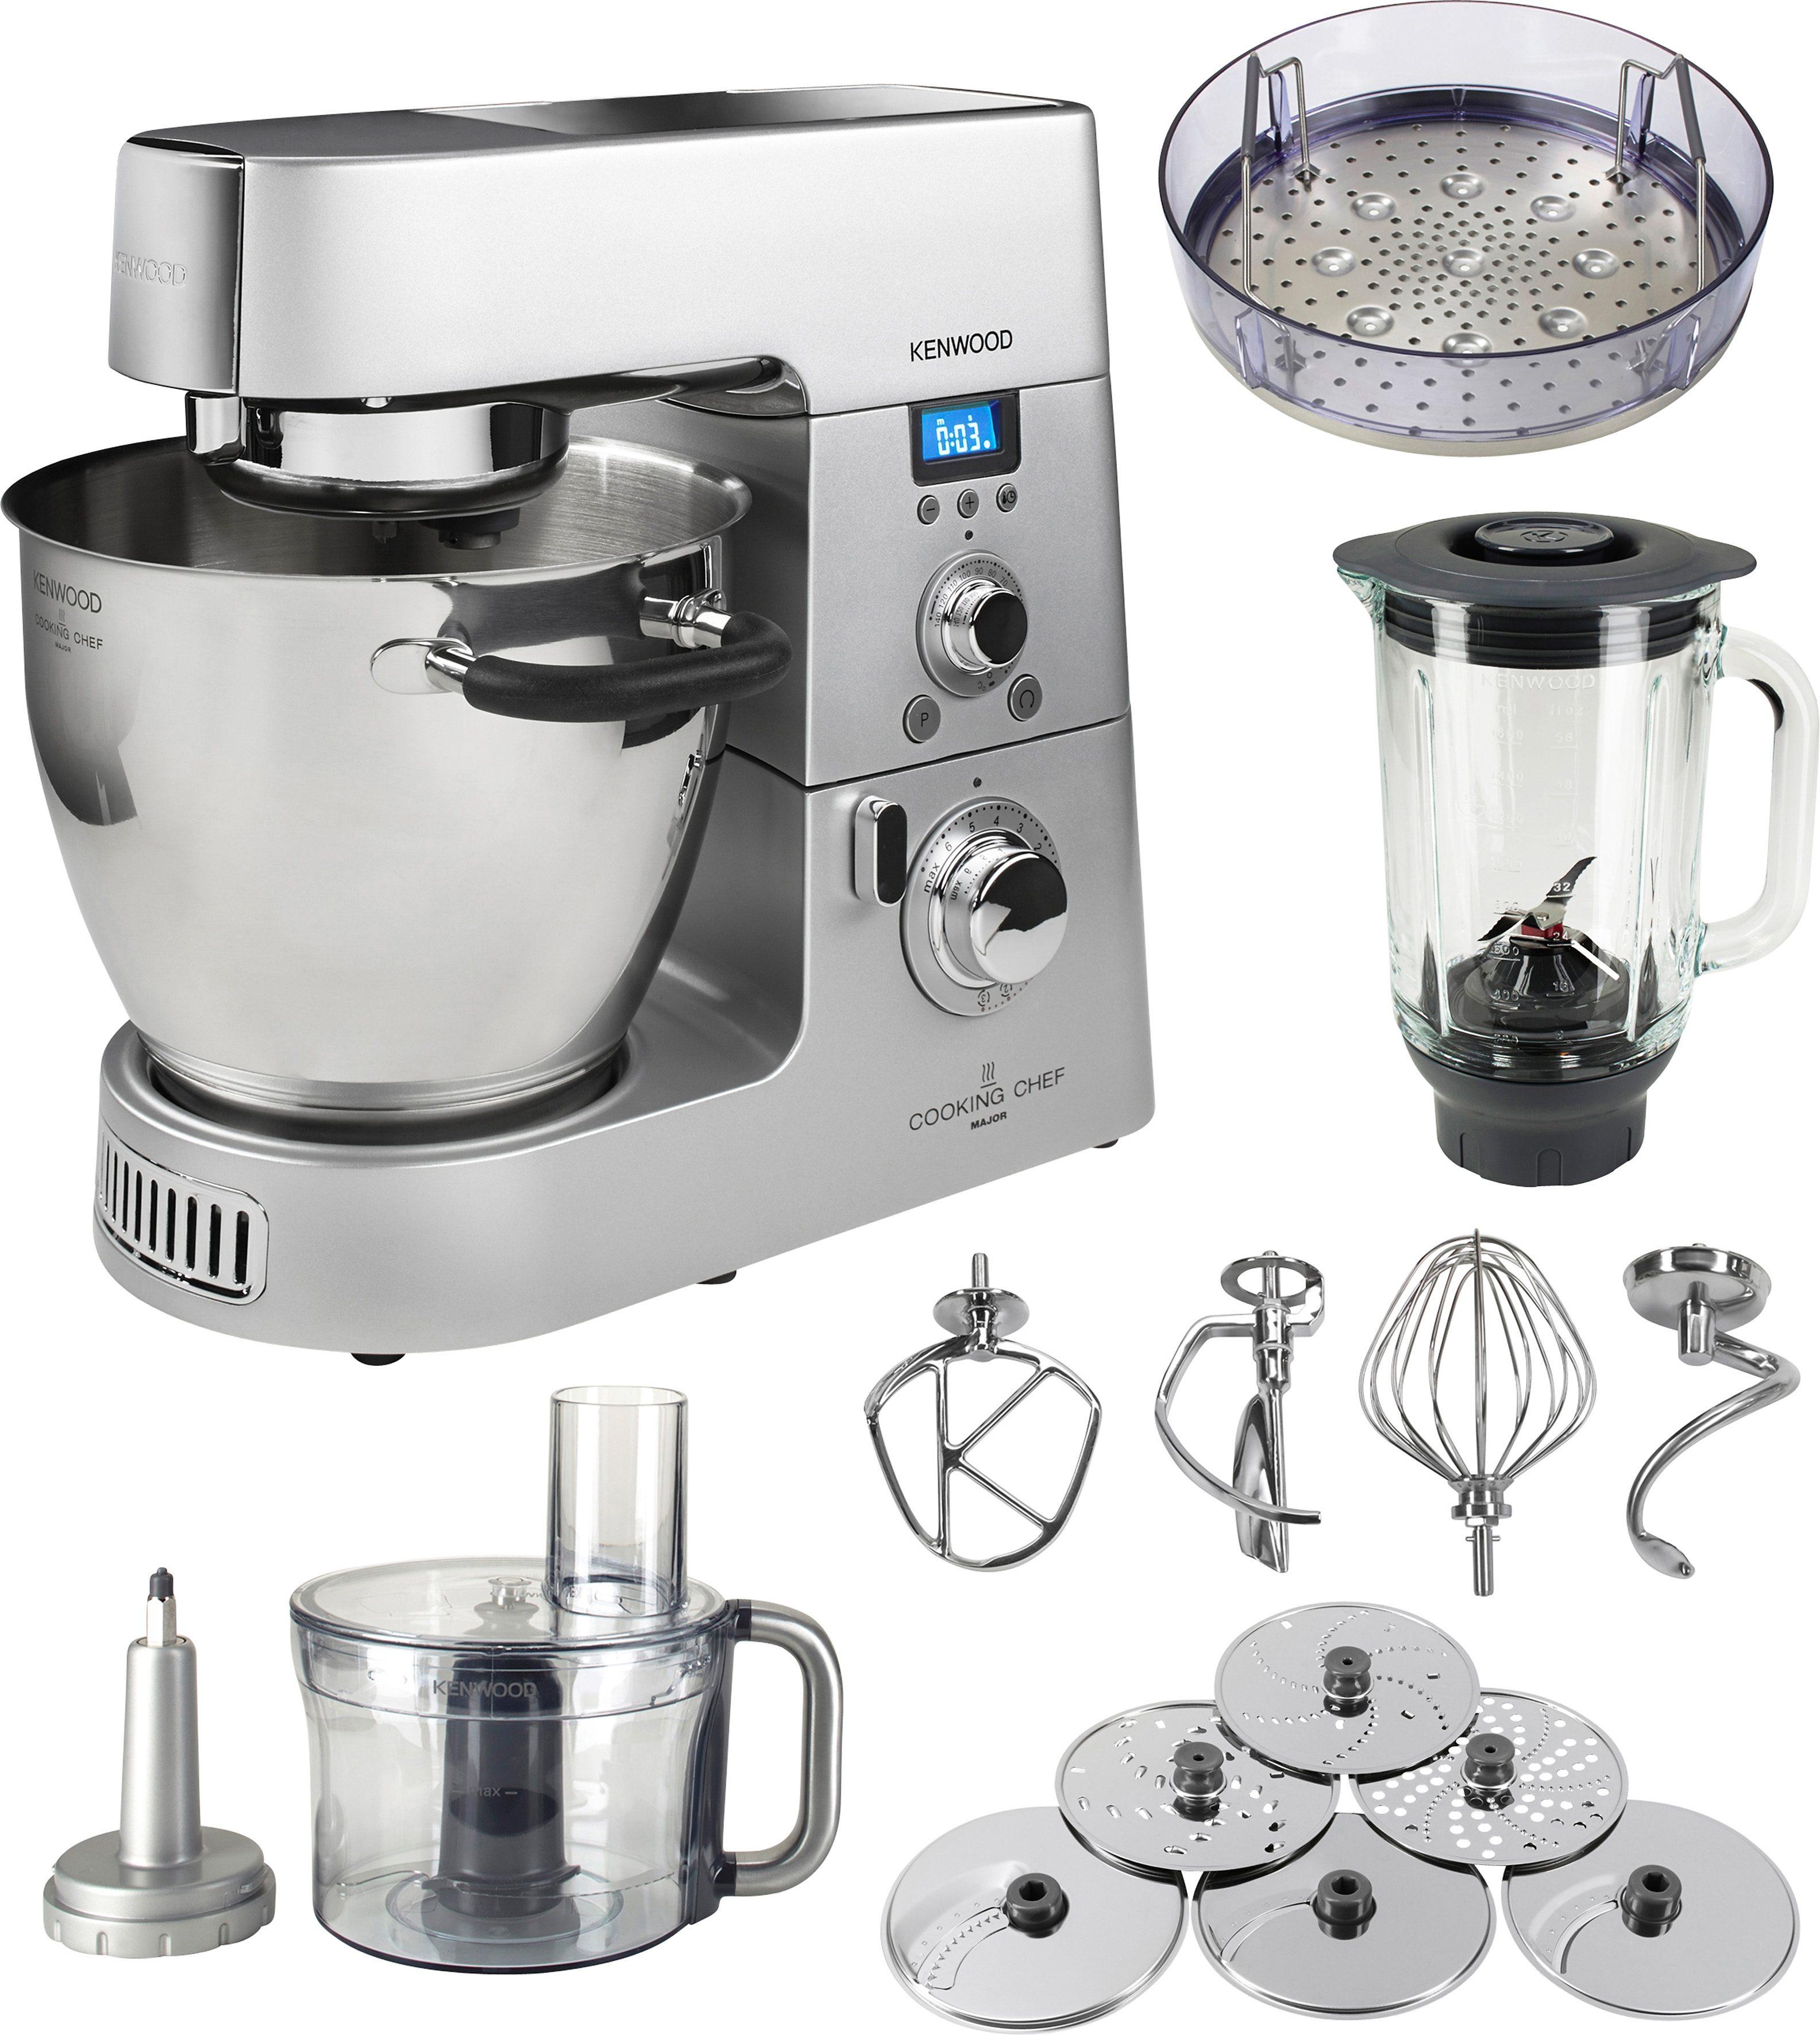 Kenwood Küchenmaschine »Cooking Chef KM086« - inkl. Sonderzubehör im Wert von ca. 270,-€